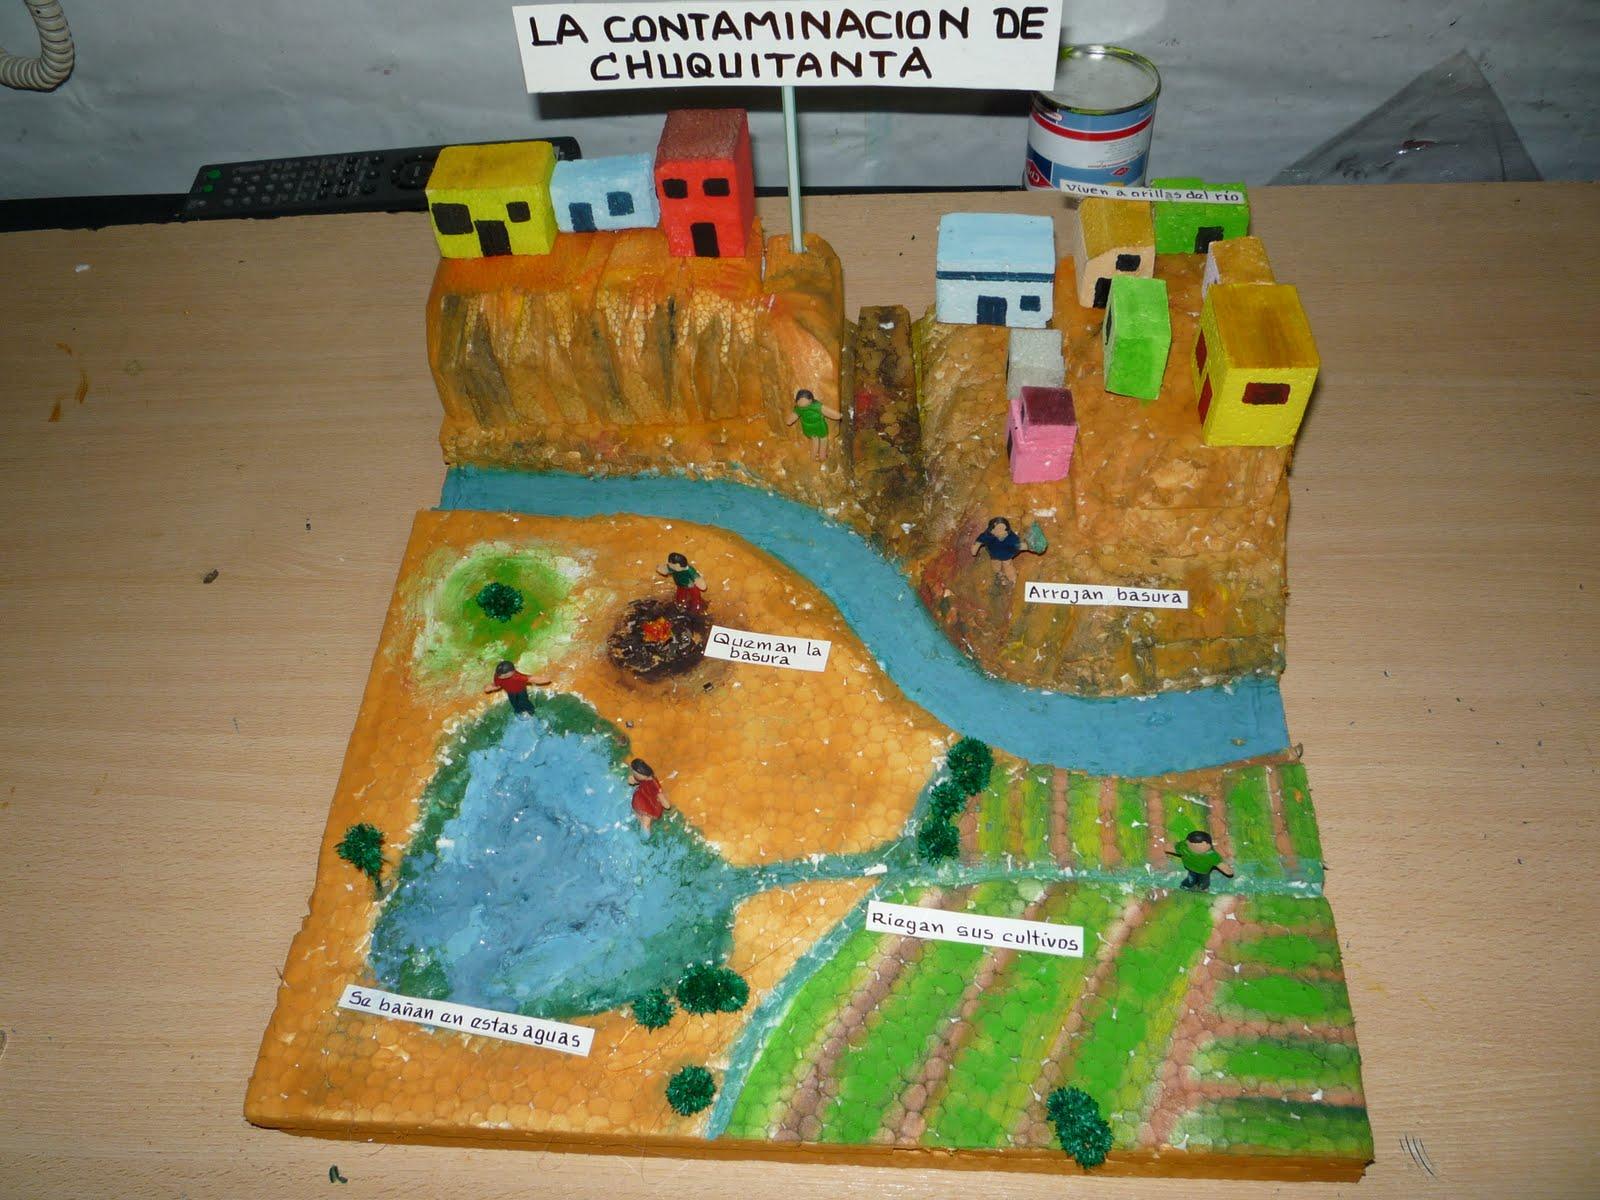 Como Elaborar Una Maqueta De La Contaminacion Con Material Reciclado